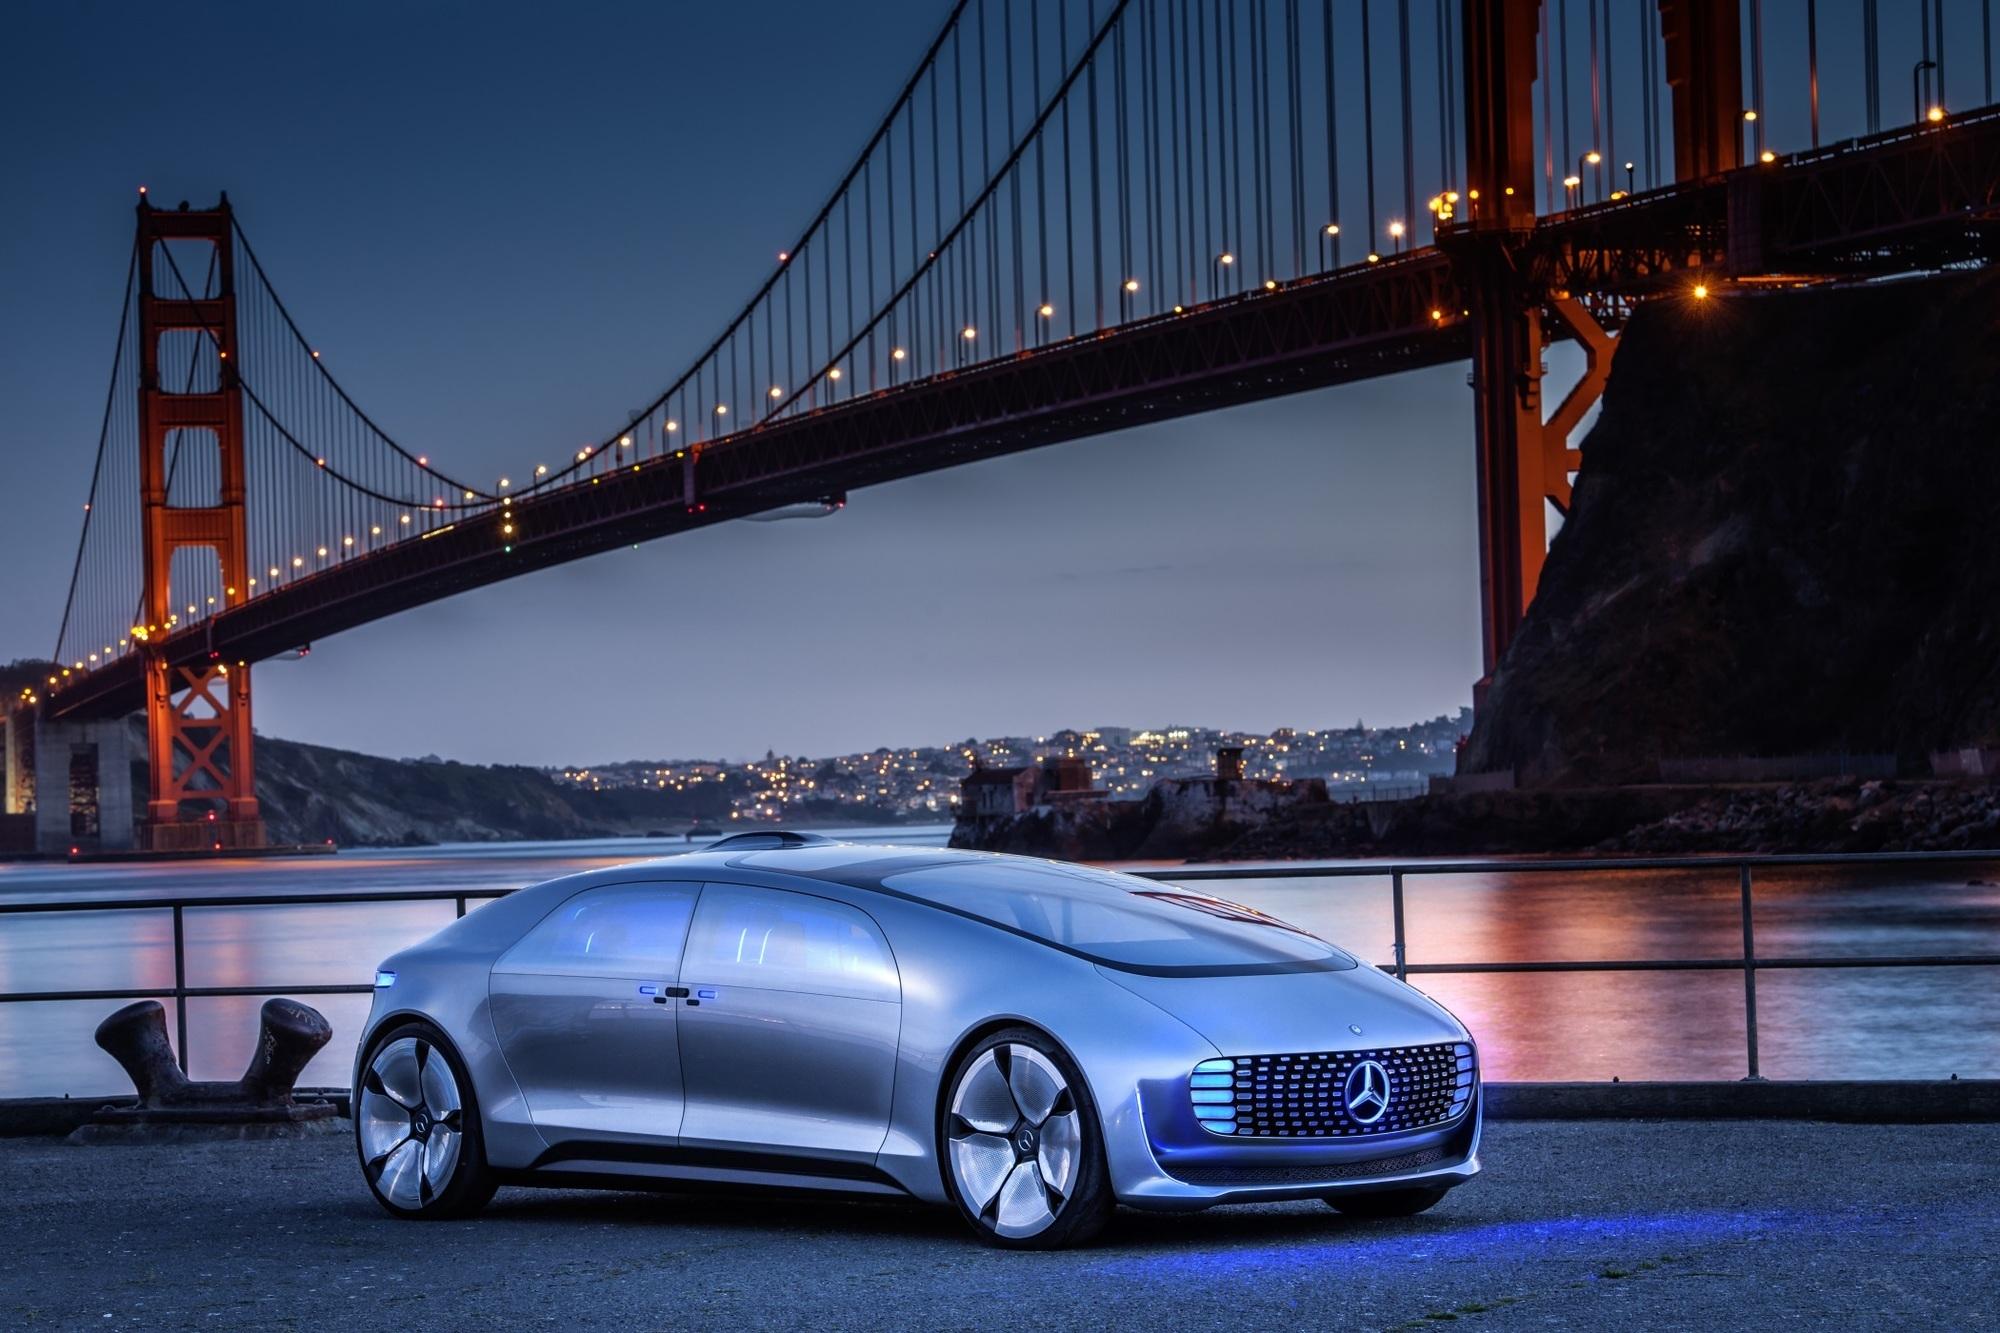 Daimler stellt erste Studie zum autonomen Fahren vor - Alles wird anders